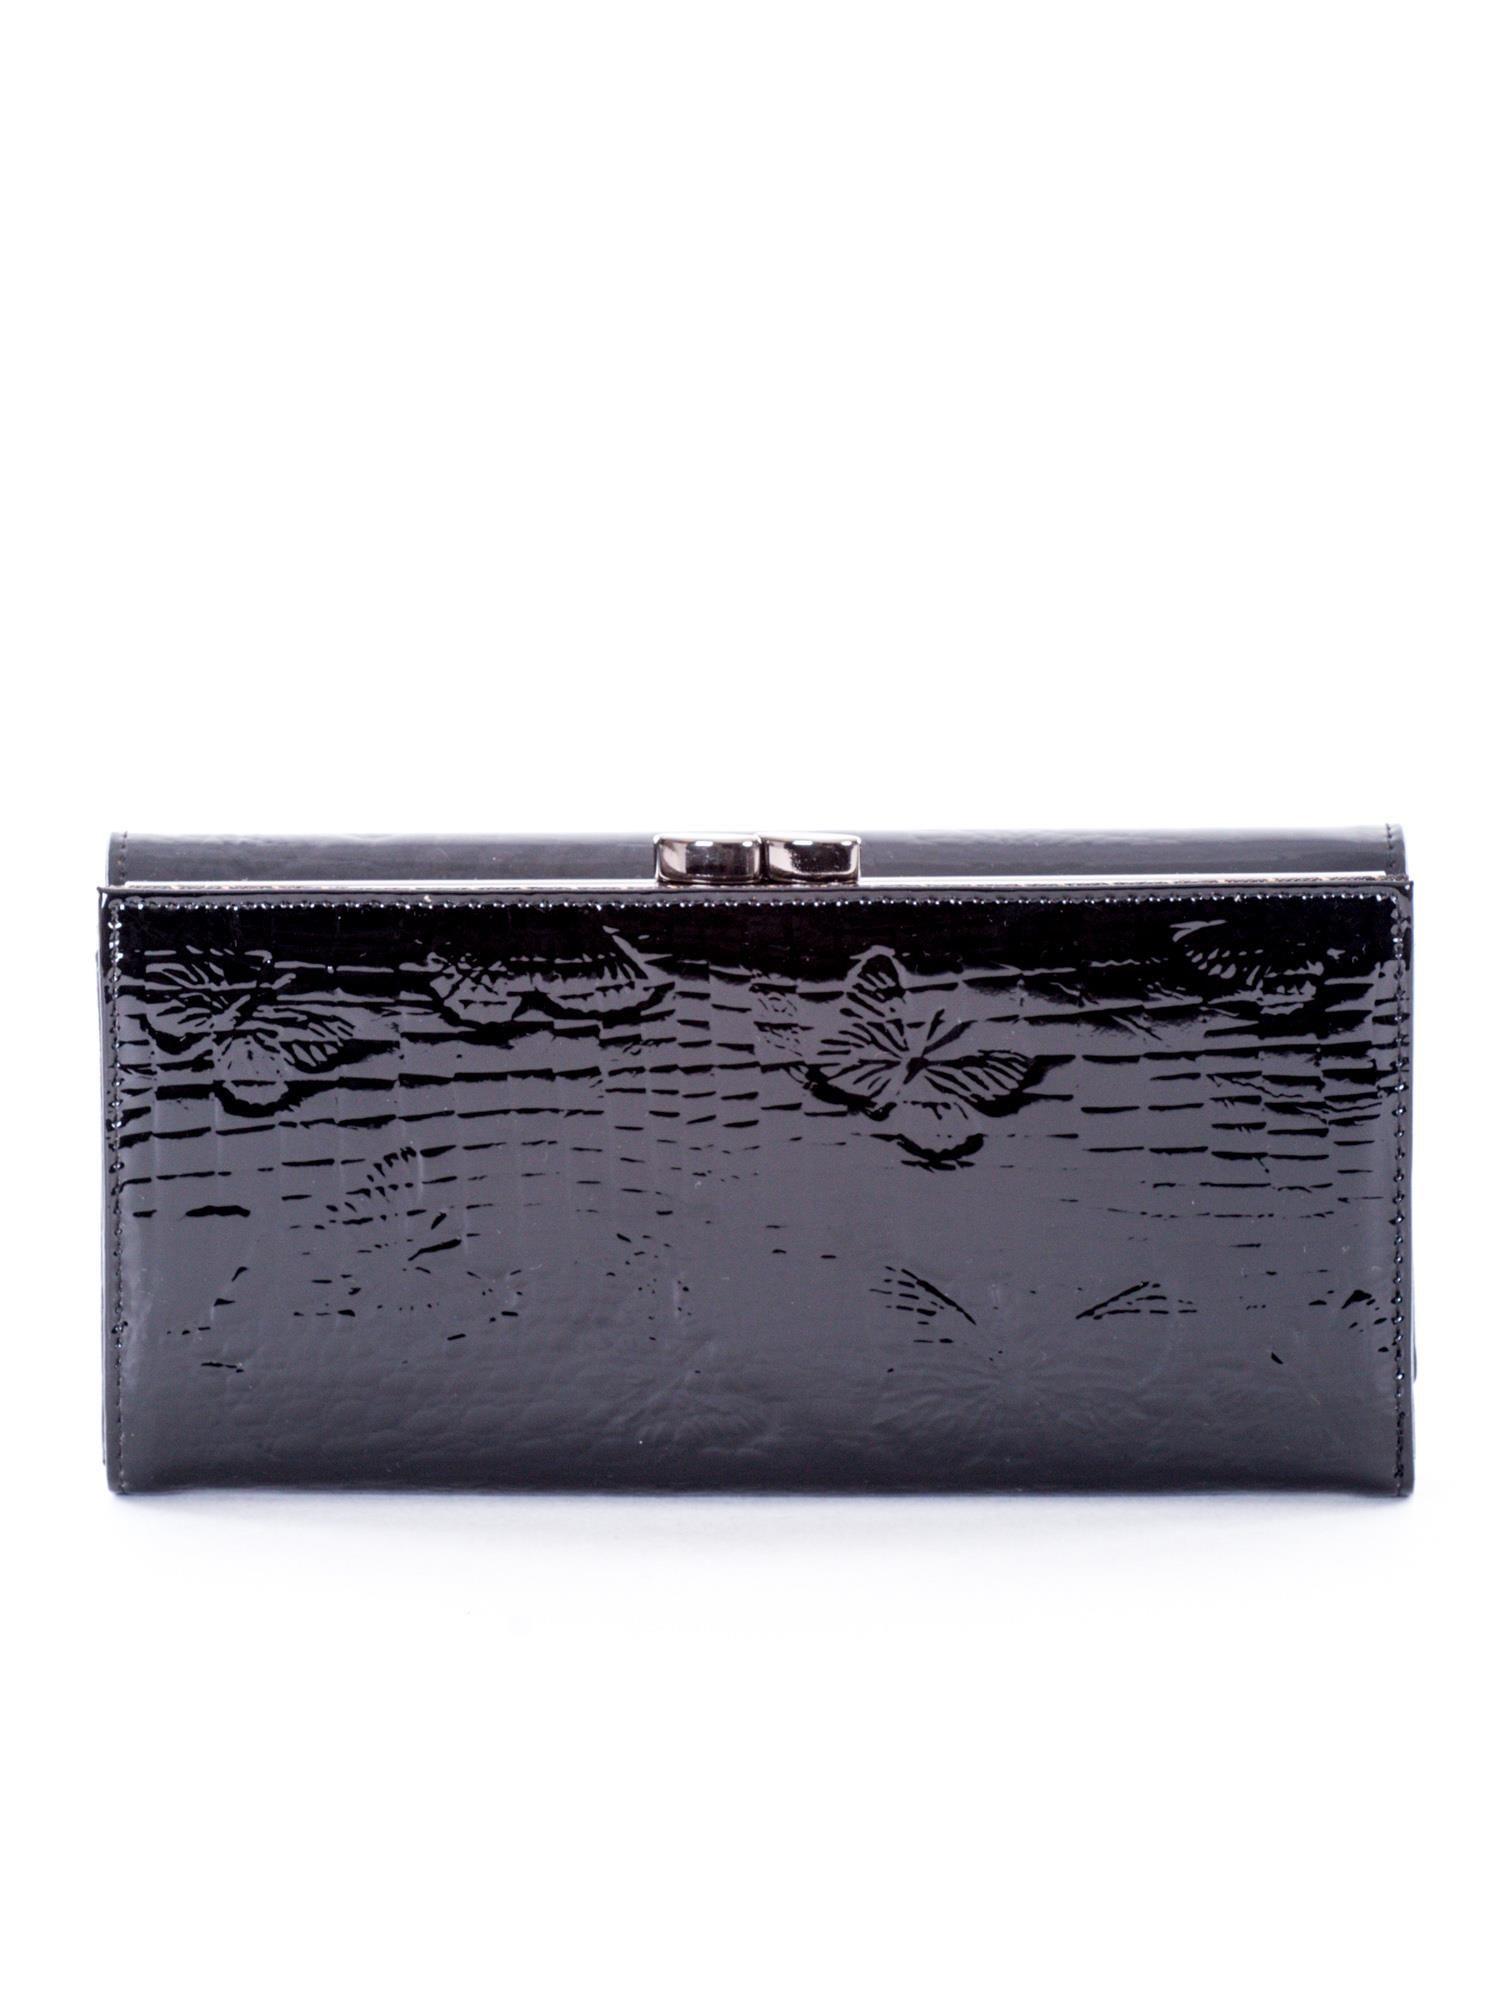 46131616e5ae3 Czarny lakierowany portfel w tłoczone motyle - Akcesoria portfele - sklep  eButik.pl